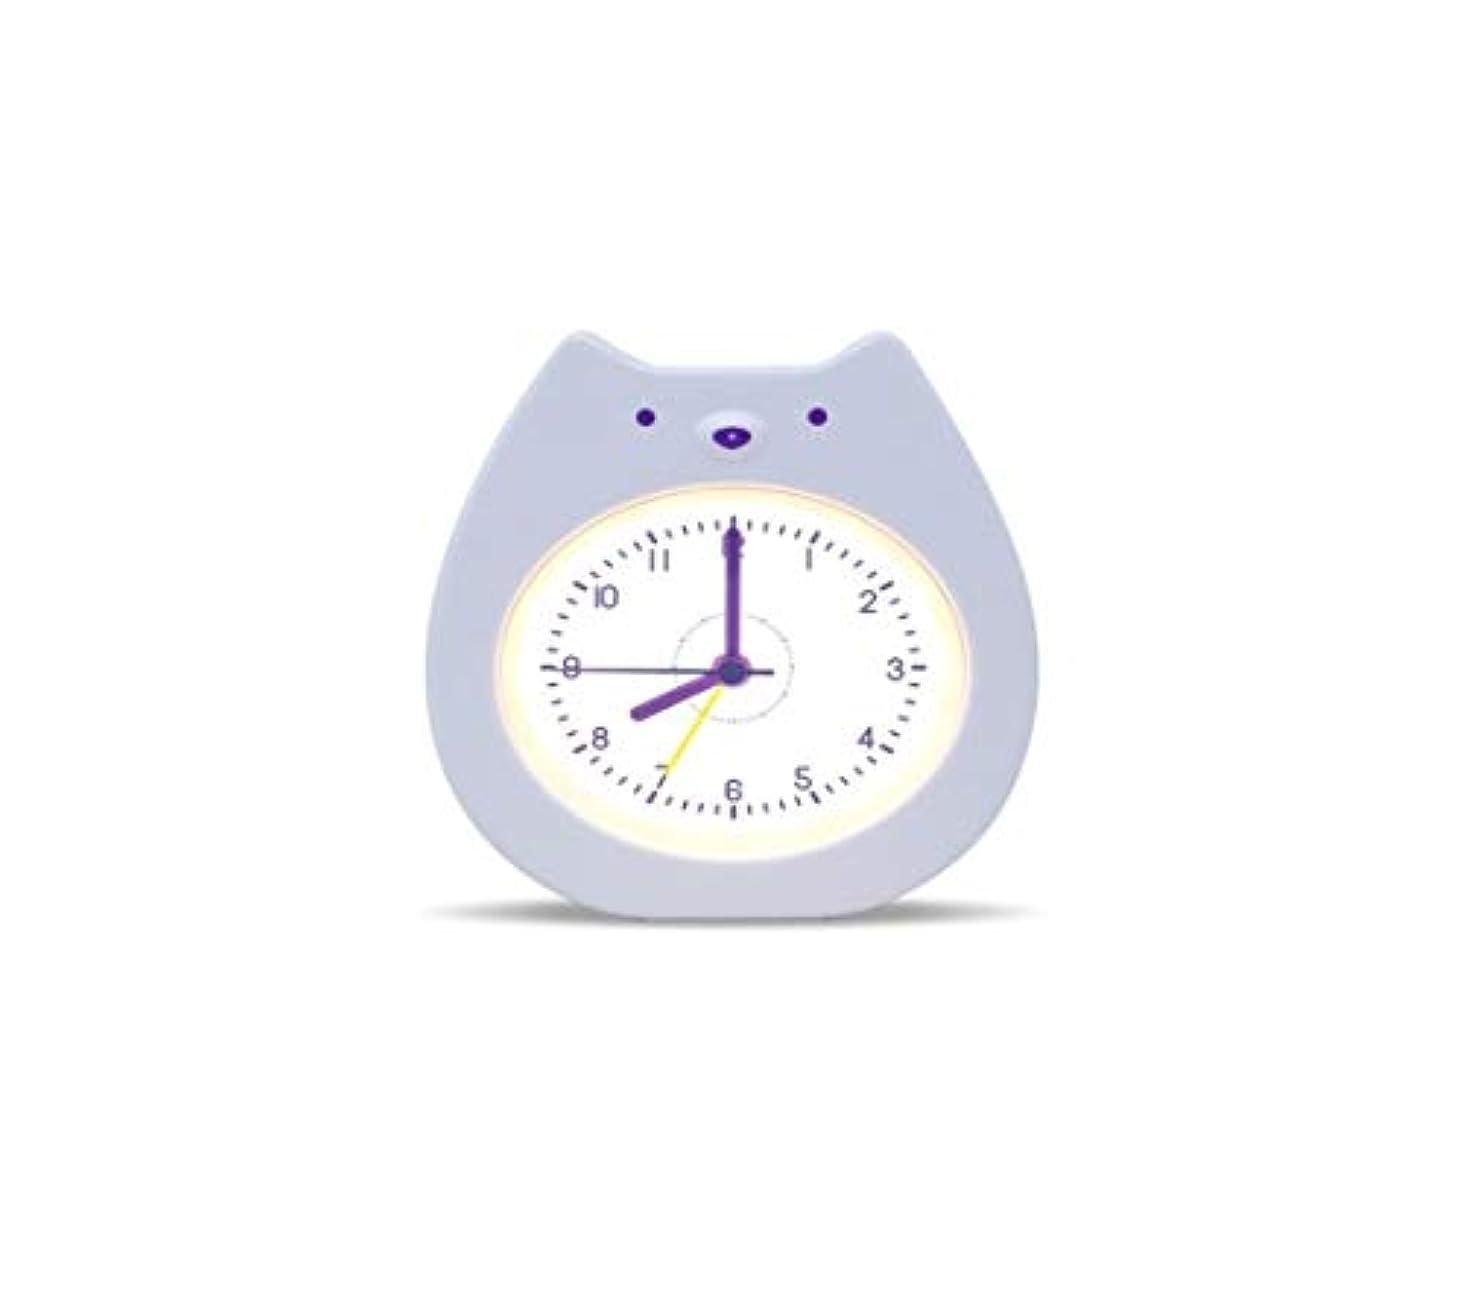 いくつかの例外裂け目Kaiyitong001 目覚まし時計、かわいい漫画の目覚まし時計、多機能の創造的な寝室のベッドサイドクロック、学生専用、男性と女性の静かな夜の光(白) (Color : White)